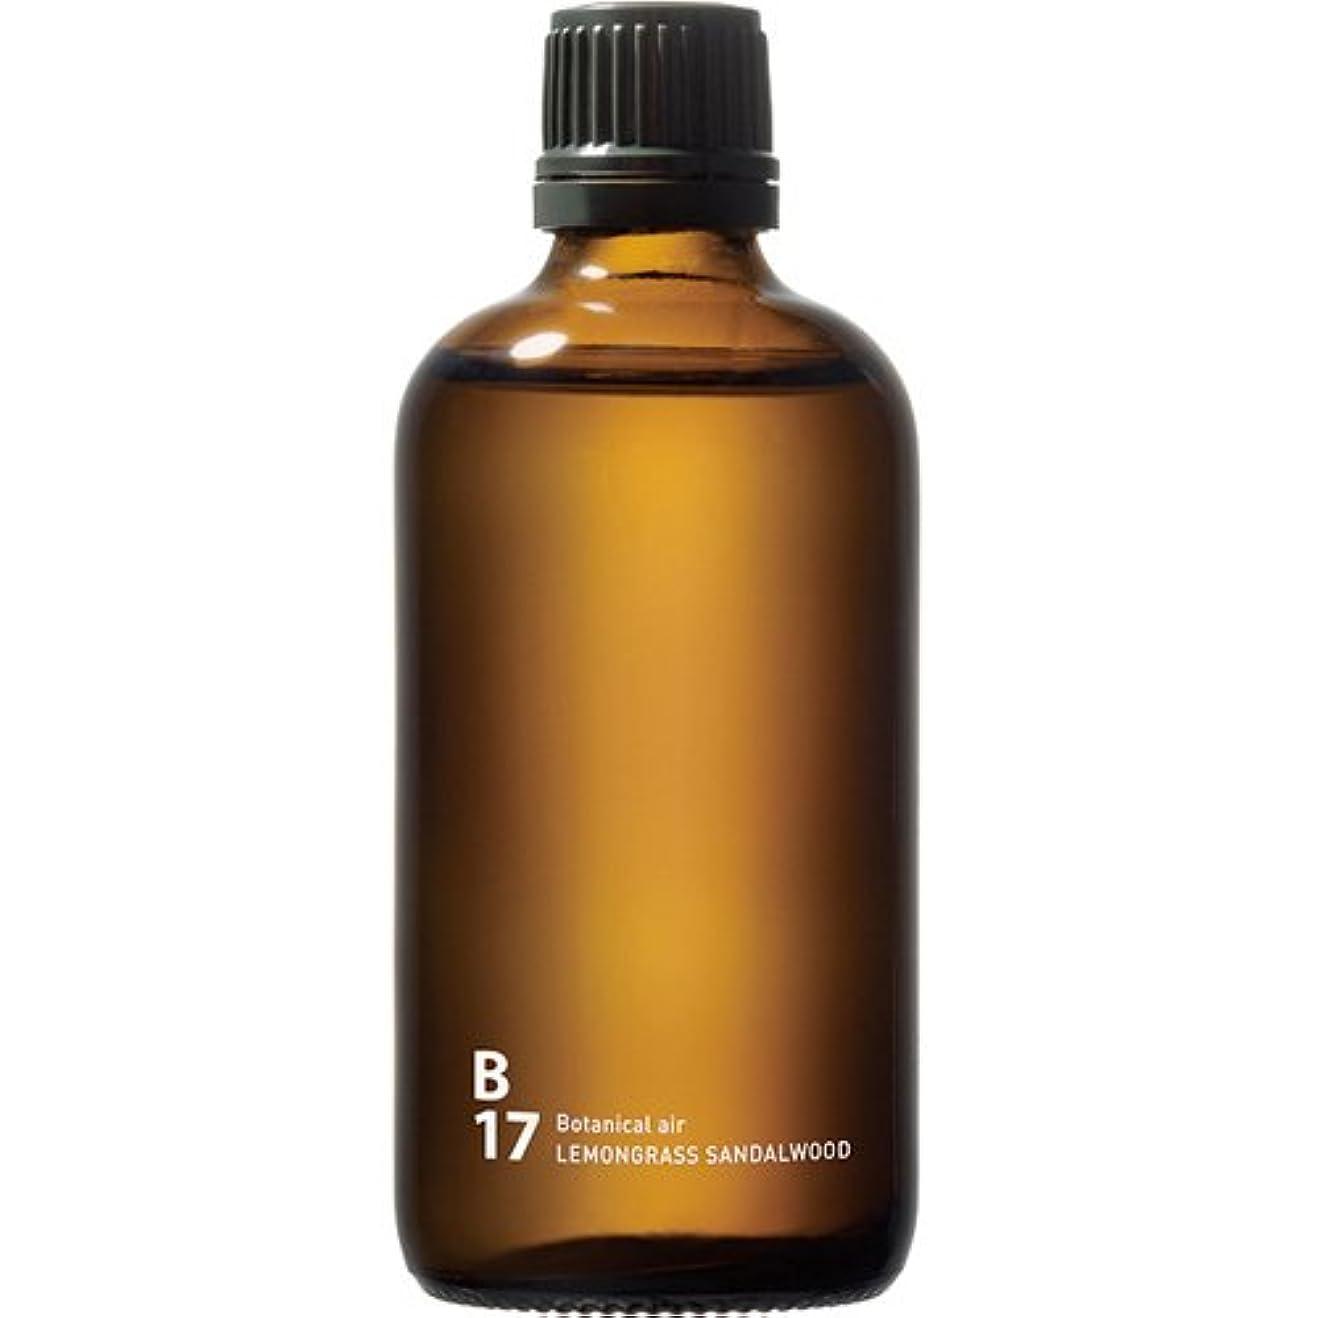 協力に負けるロック解除B17 LEMONGRASS SANDALWOOD piezo aroma oil 100ml